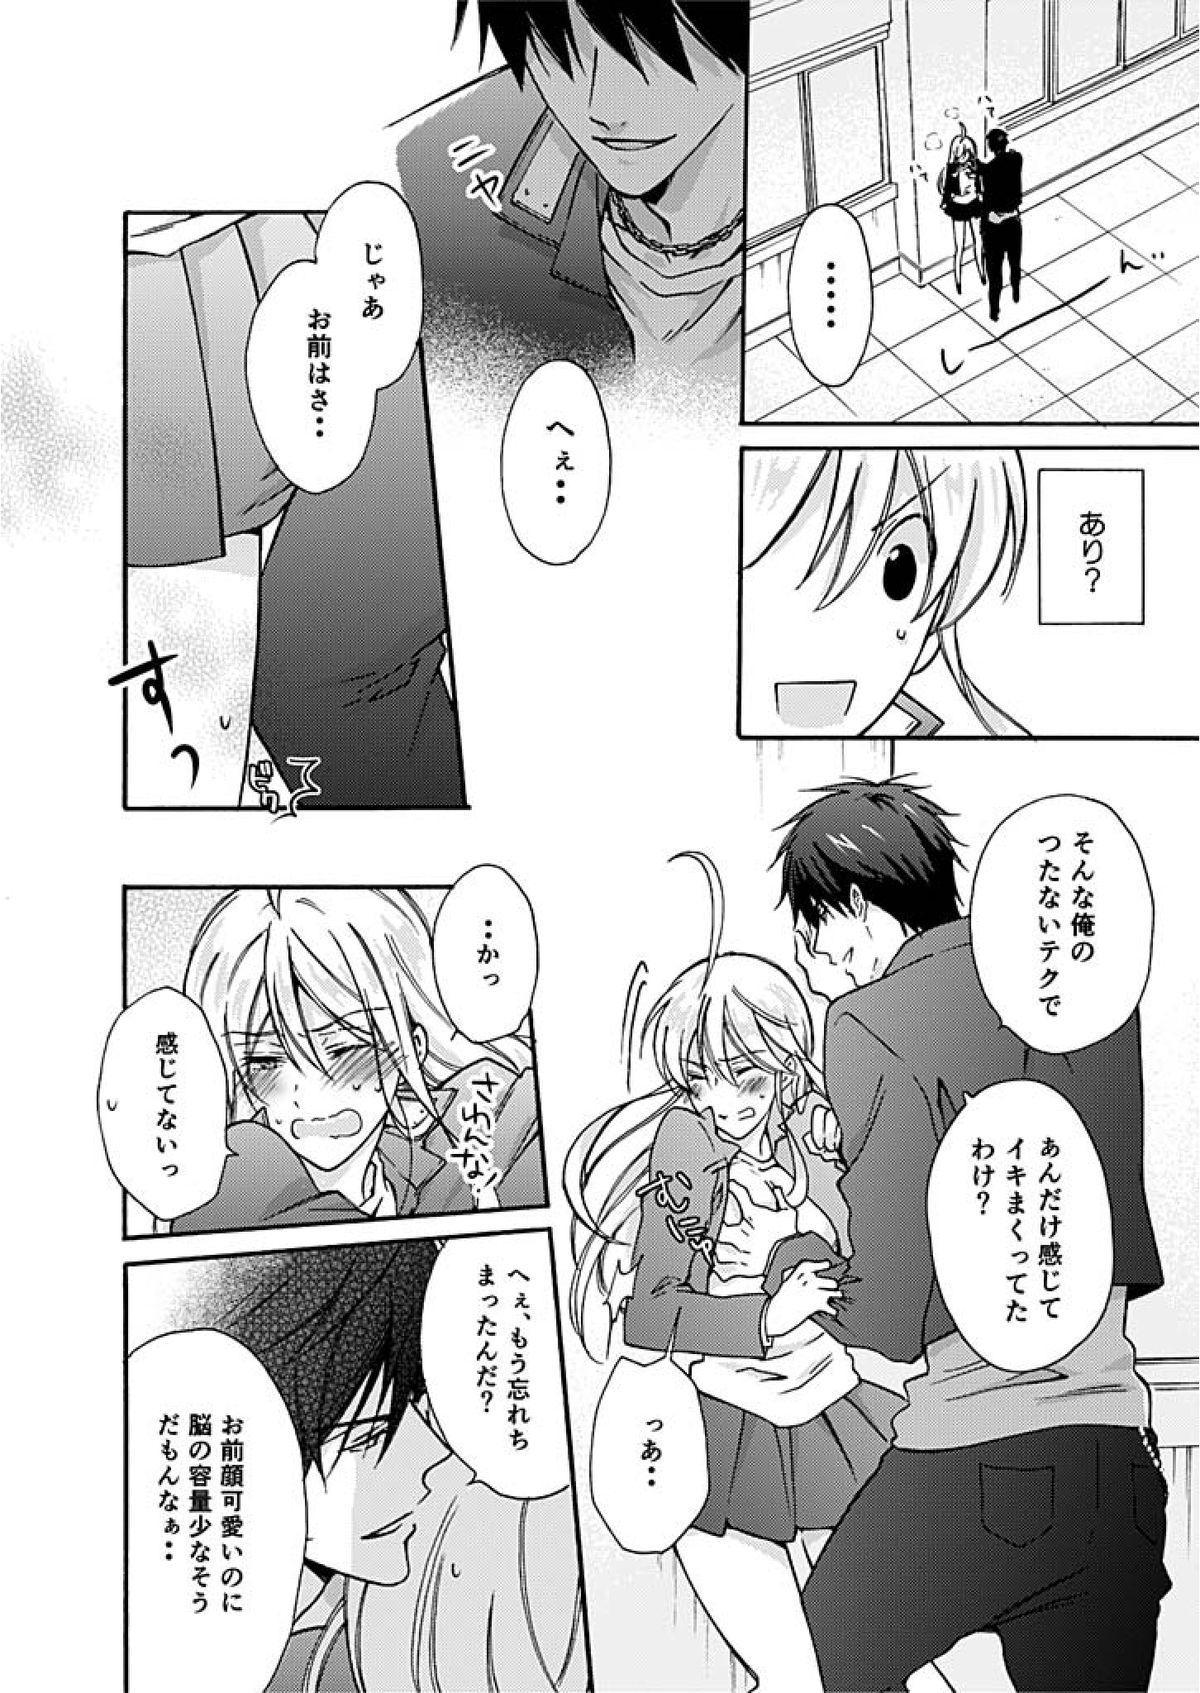 Nyotaika Yankee Gakuen ☆ Ore no Hajimete, Nerawaretemasu. 2 14